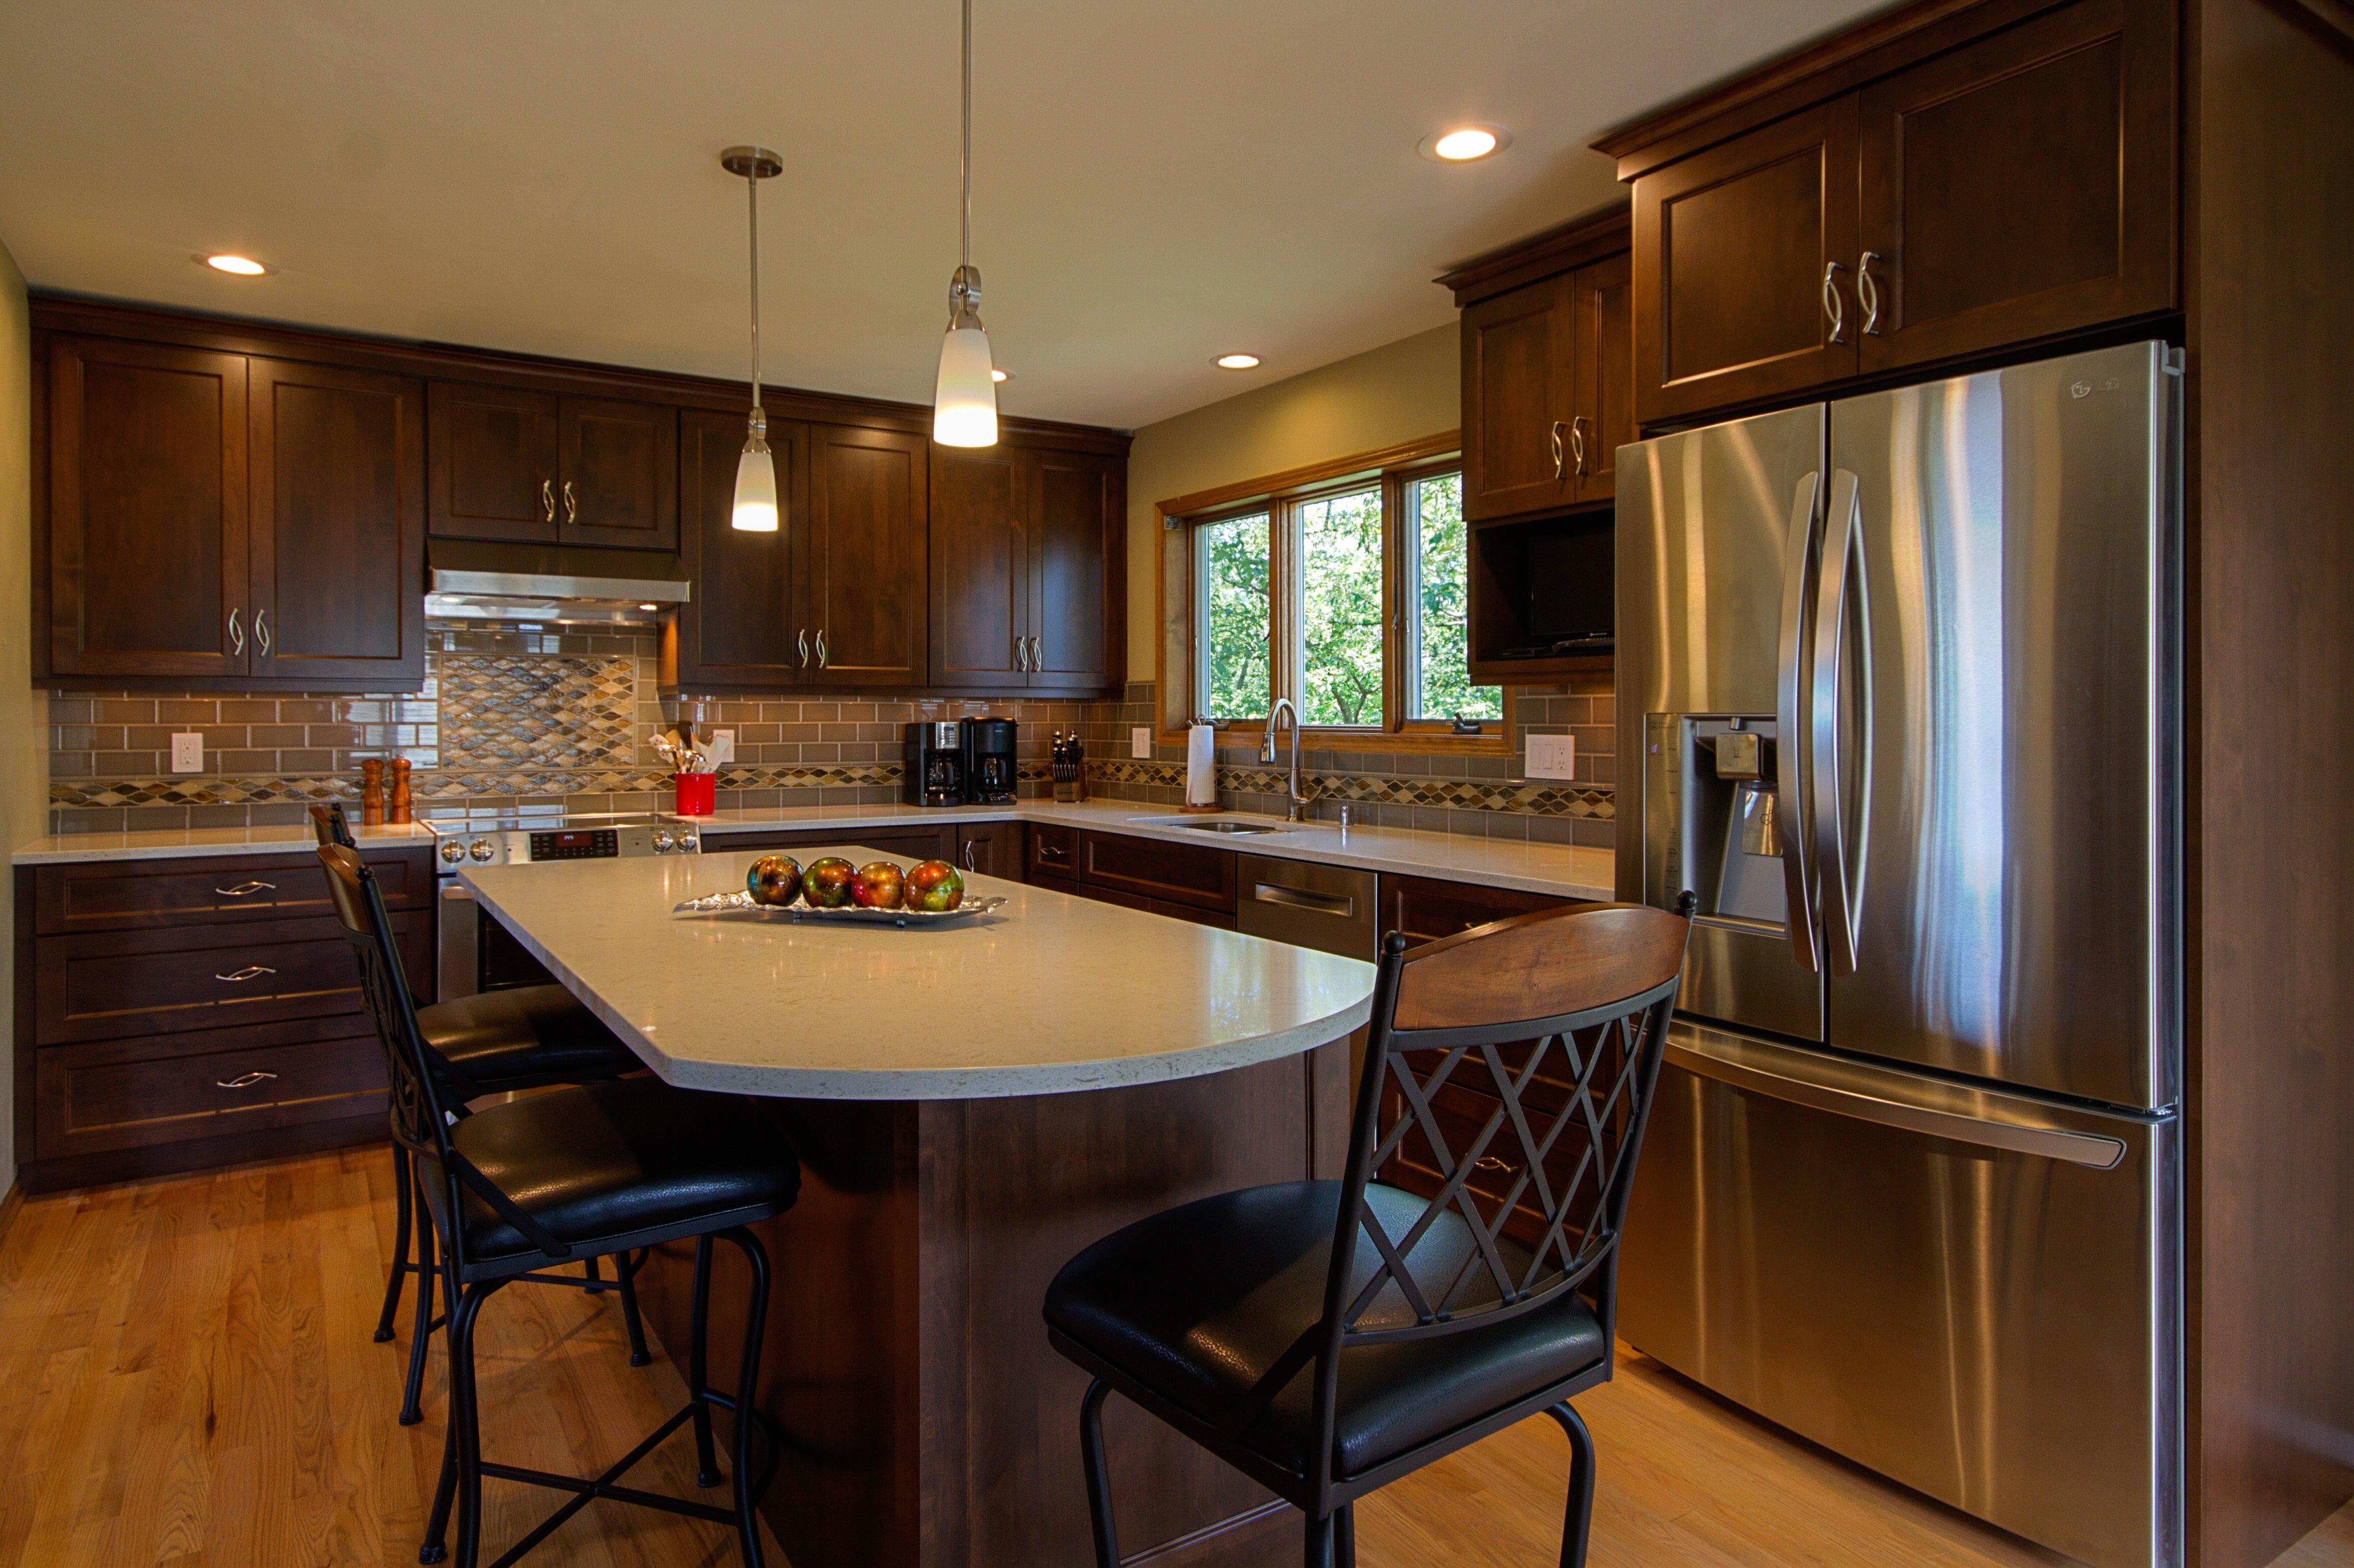 Kitchen Remodeling and Design, l-shape kitchen, narrow kitchen island, quartz countertop, dark brown kitchen cabinets